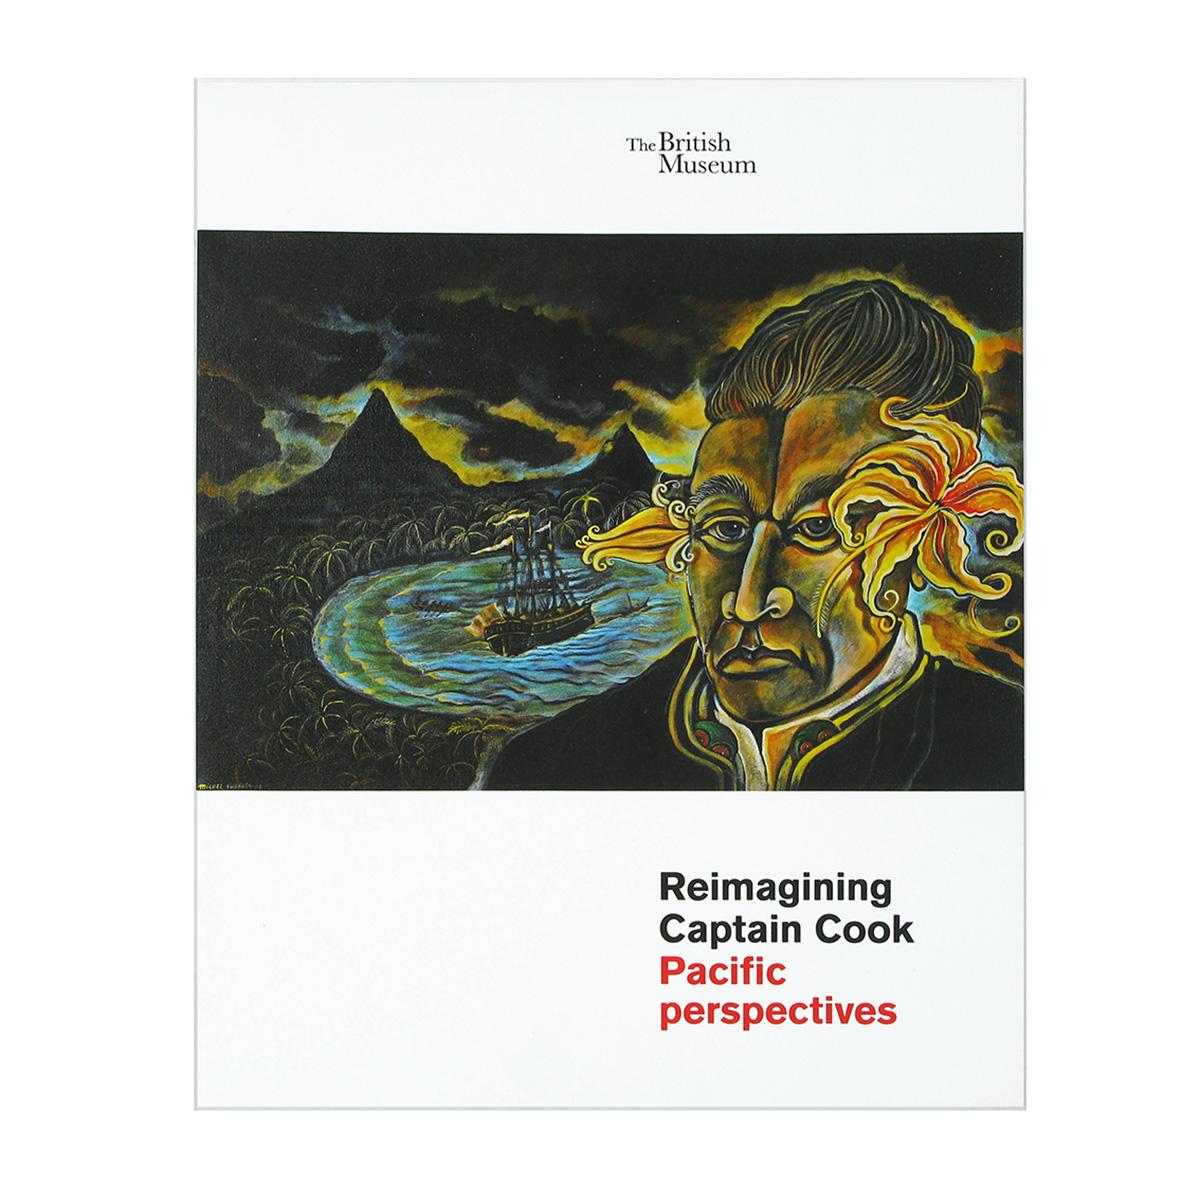 Reimagining Captain Cook